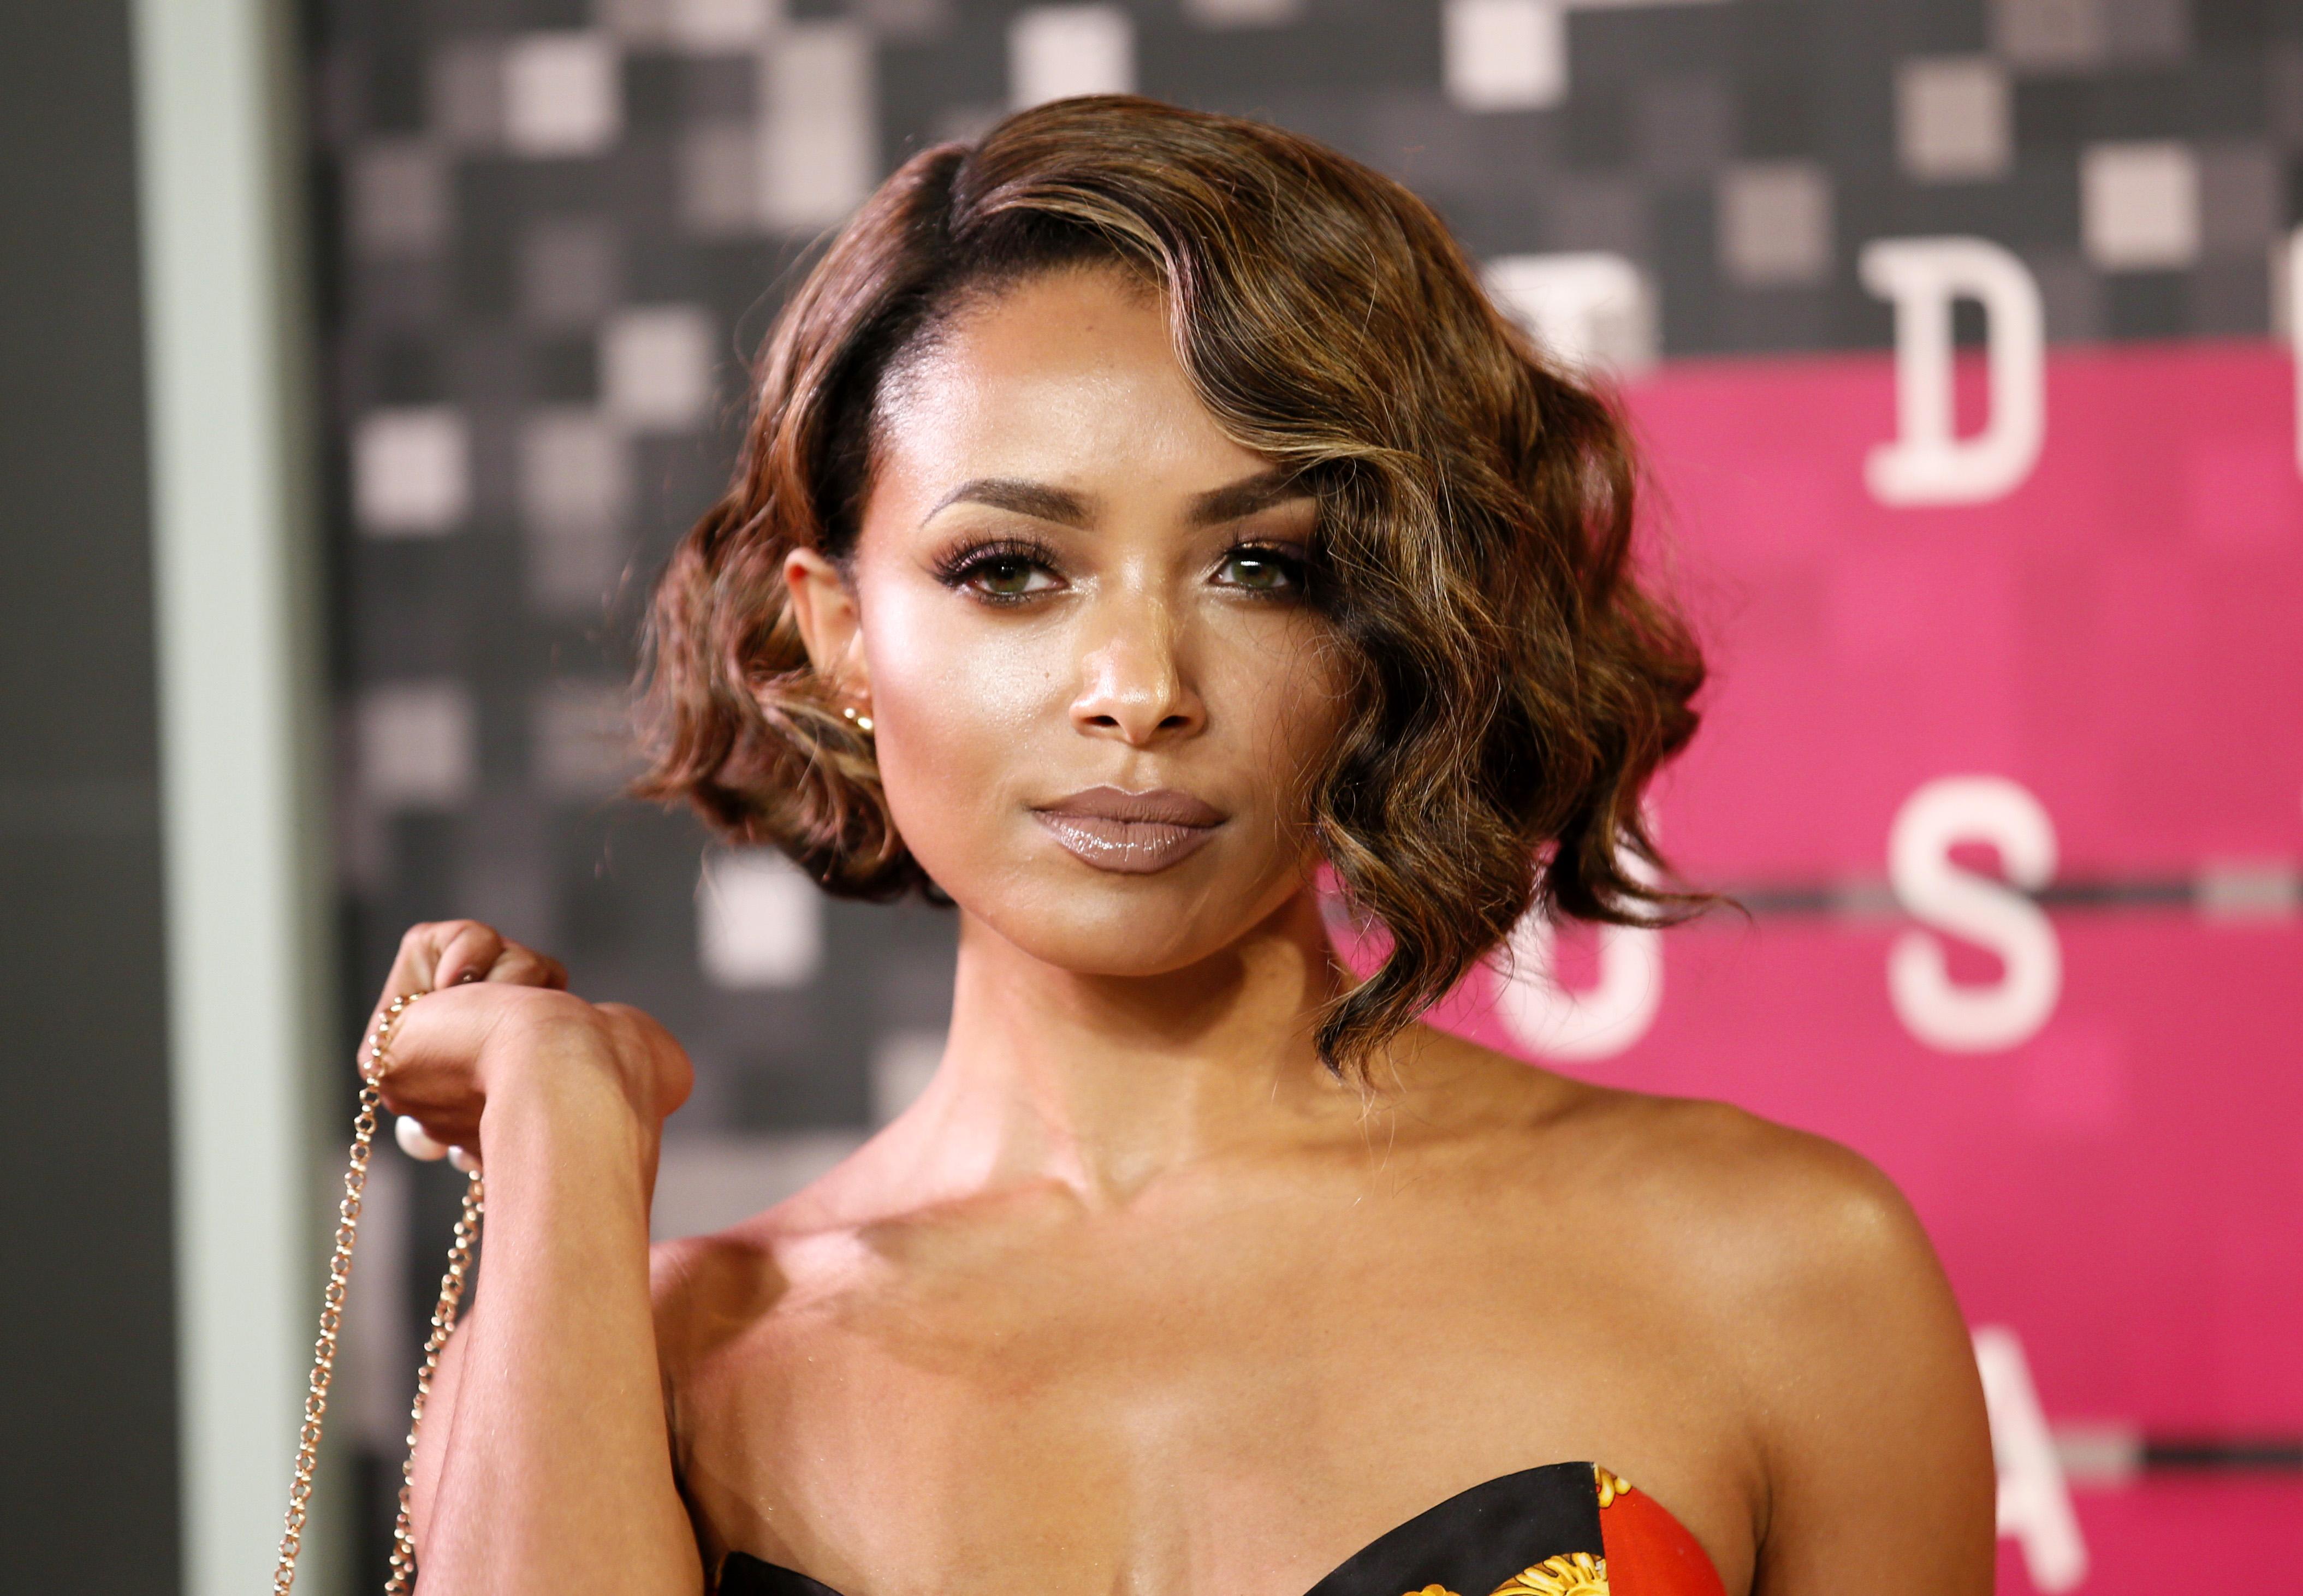 Kat Graham Actress American Short Hair Brunette Green Eyes Wallpaper Resolution 4218x2924 Id 319209 Wallha Com